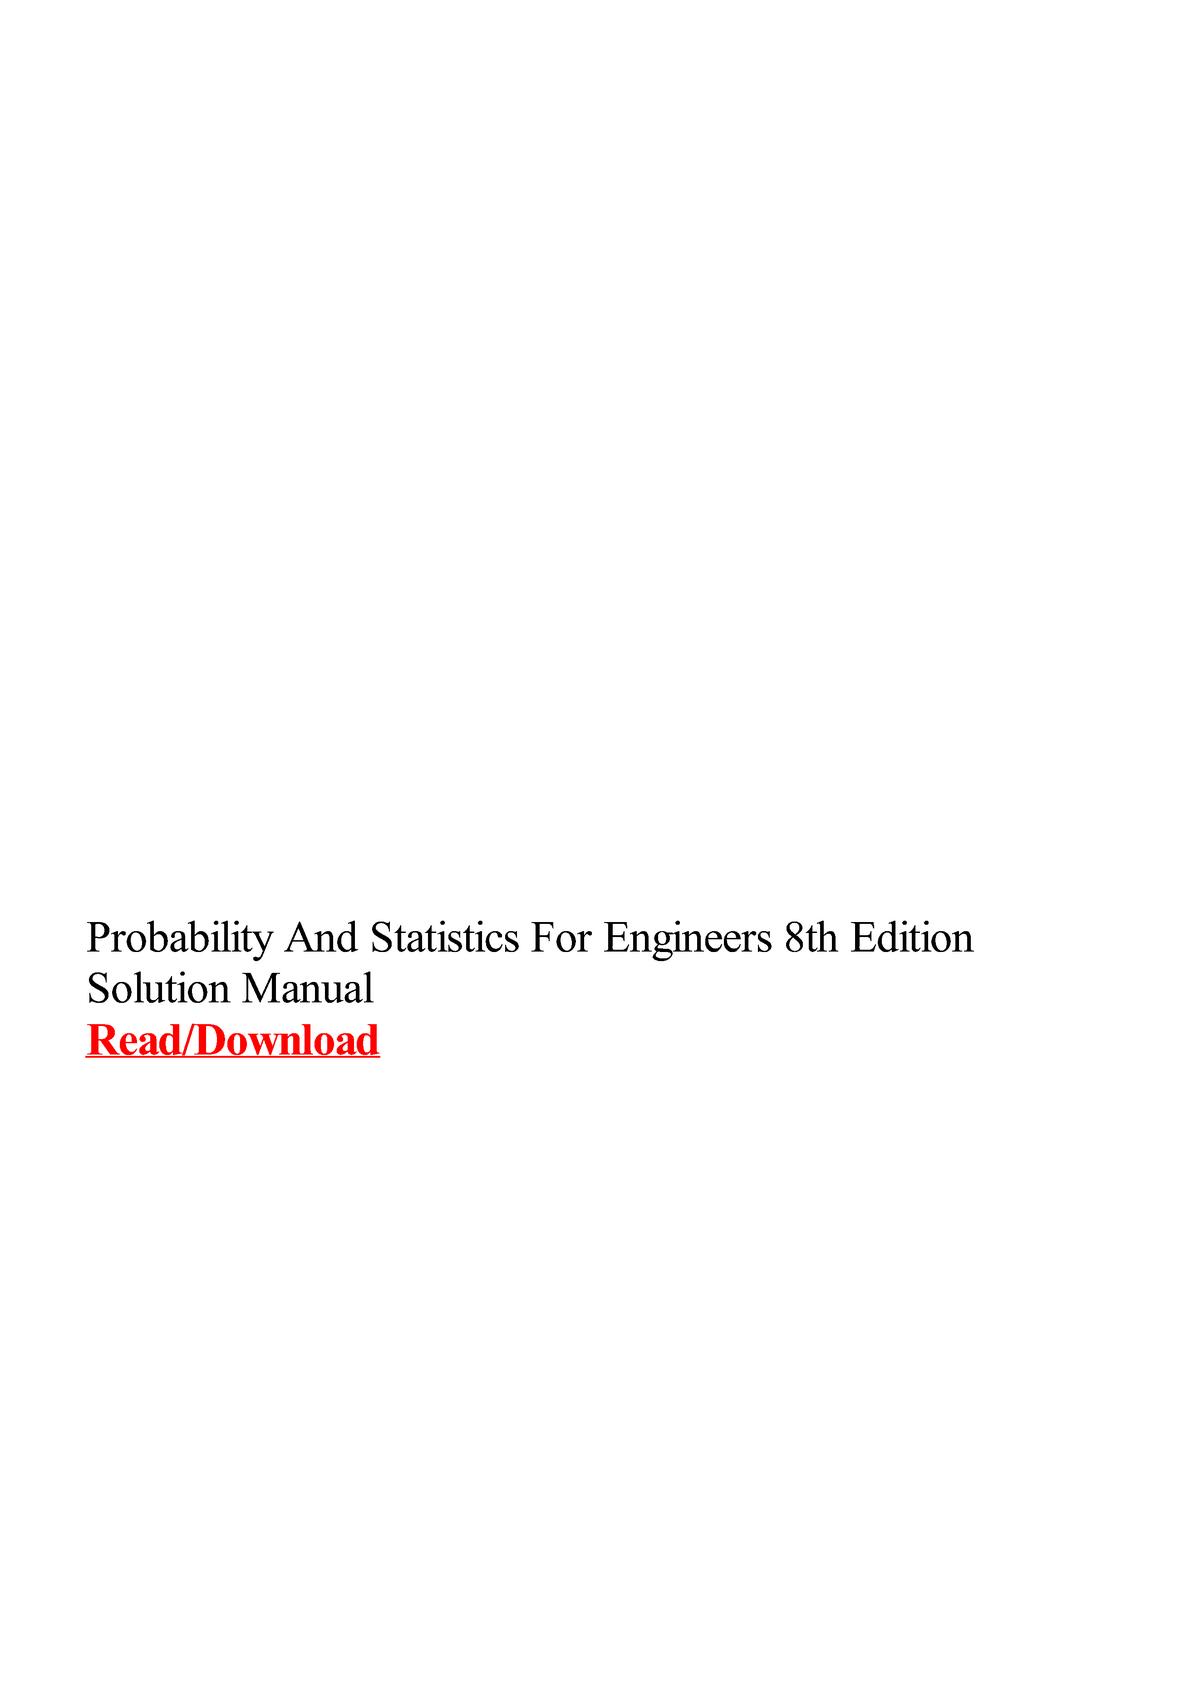 Soltuin   manual - BMSC 6142: Directed Study (2 Ch) - StuDocu